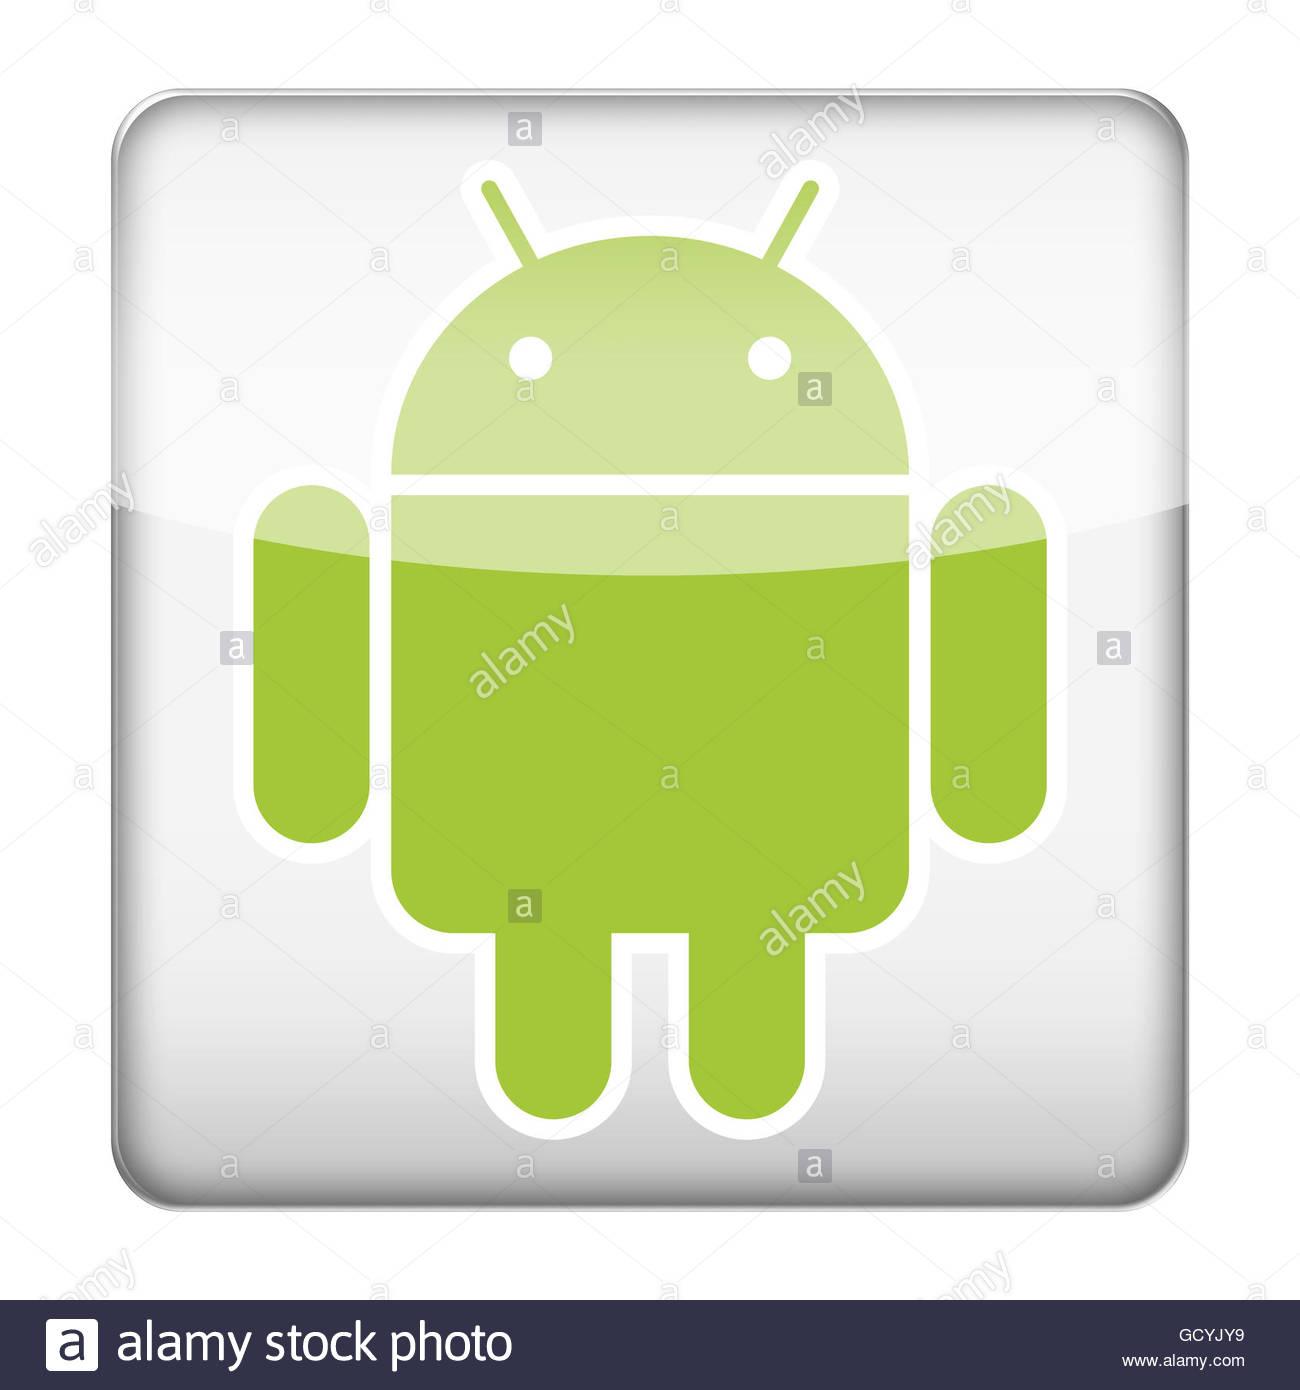 Botón de icono del logotipo del sistema Android Foto de stock